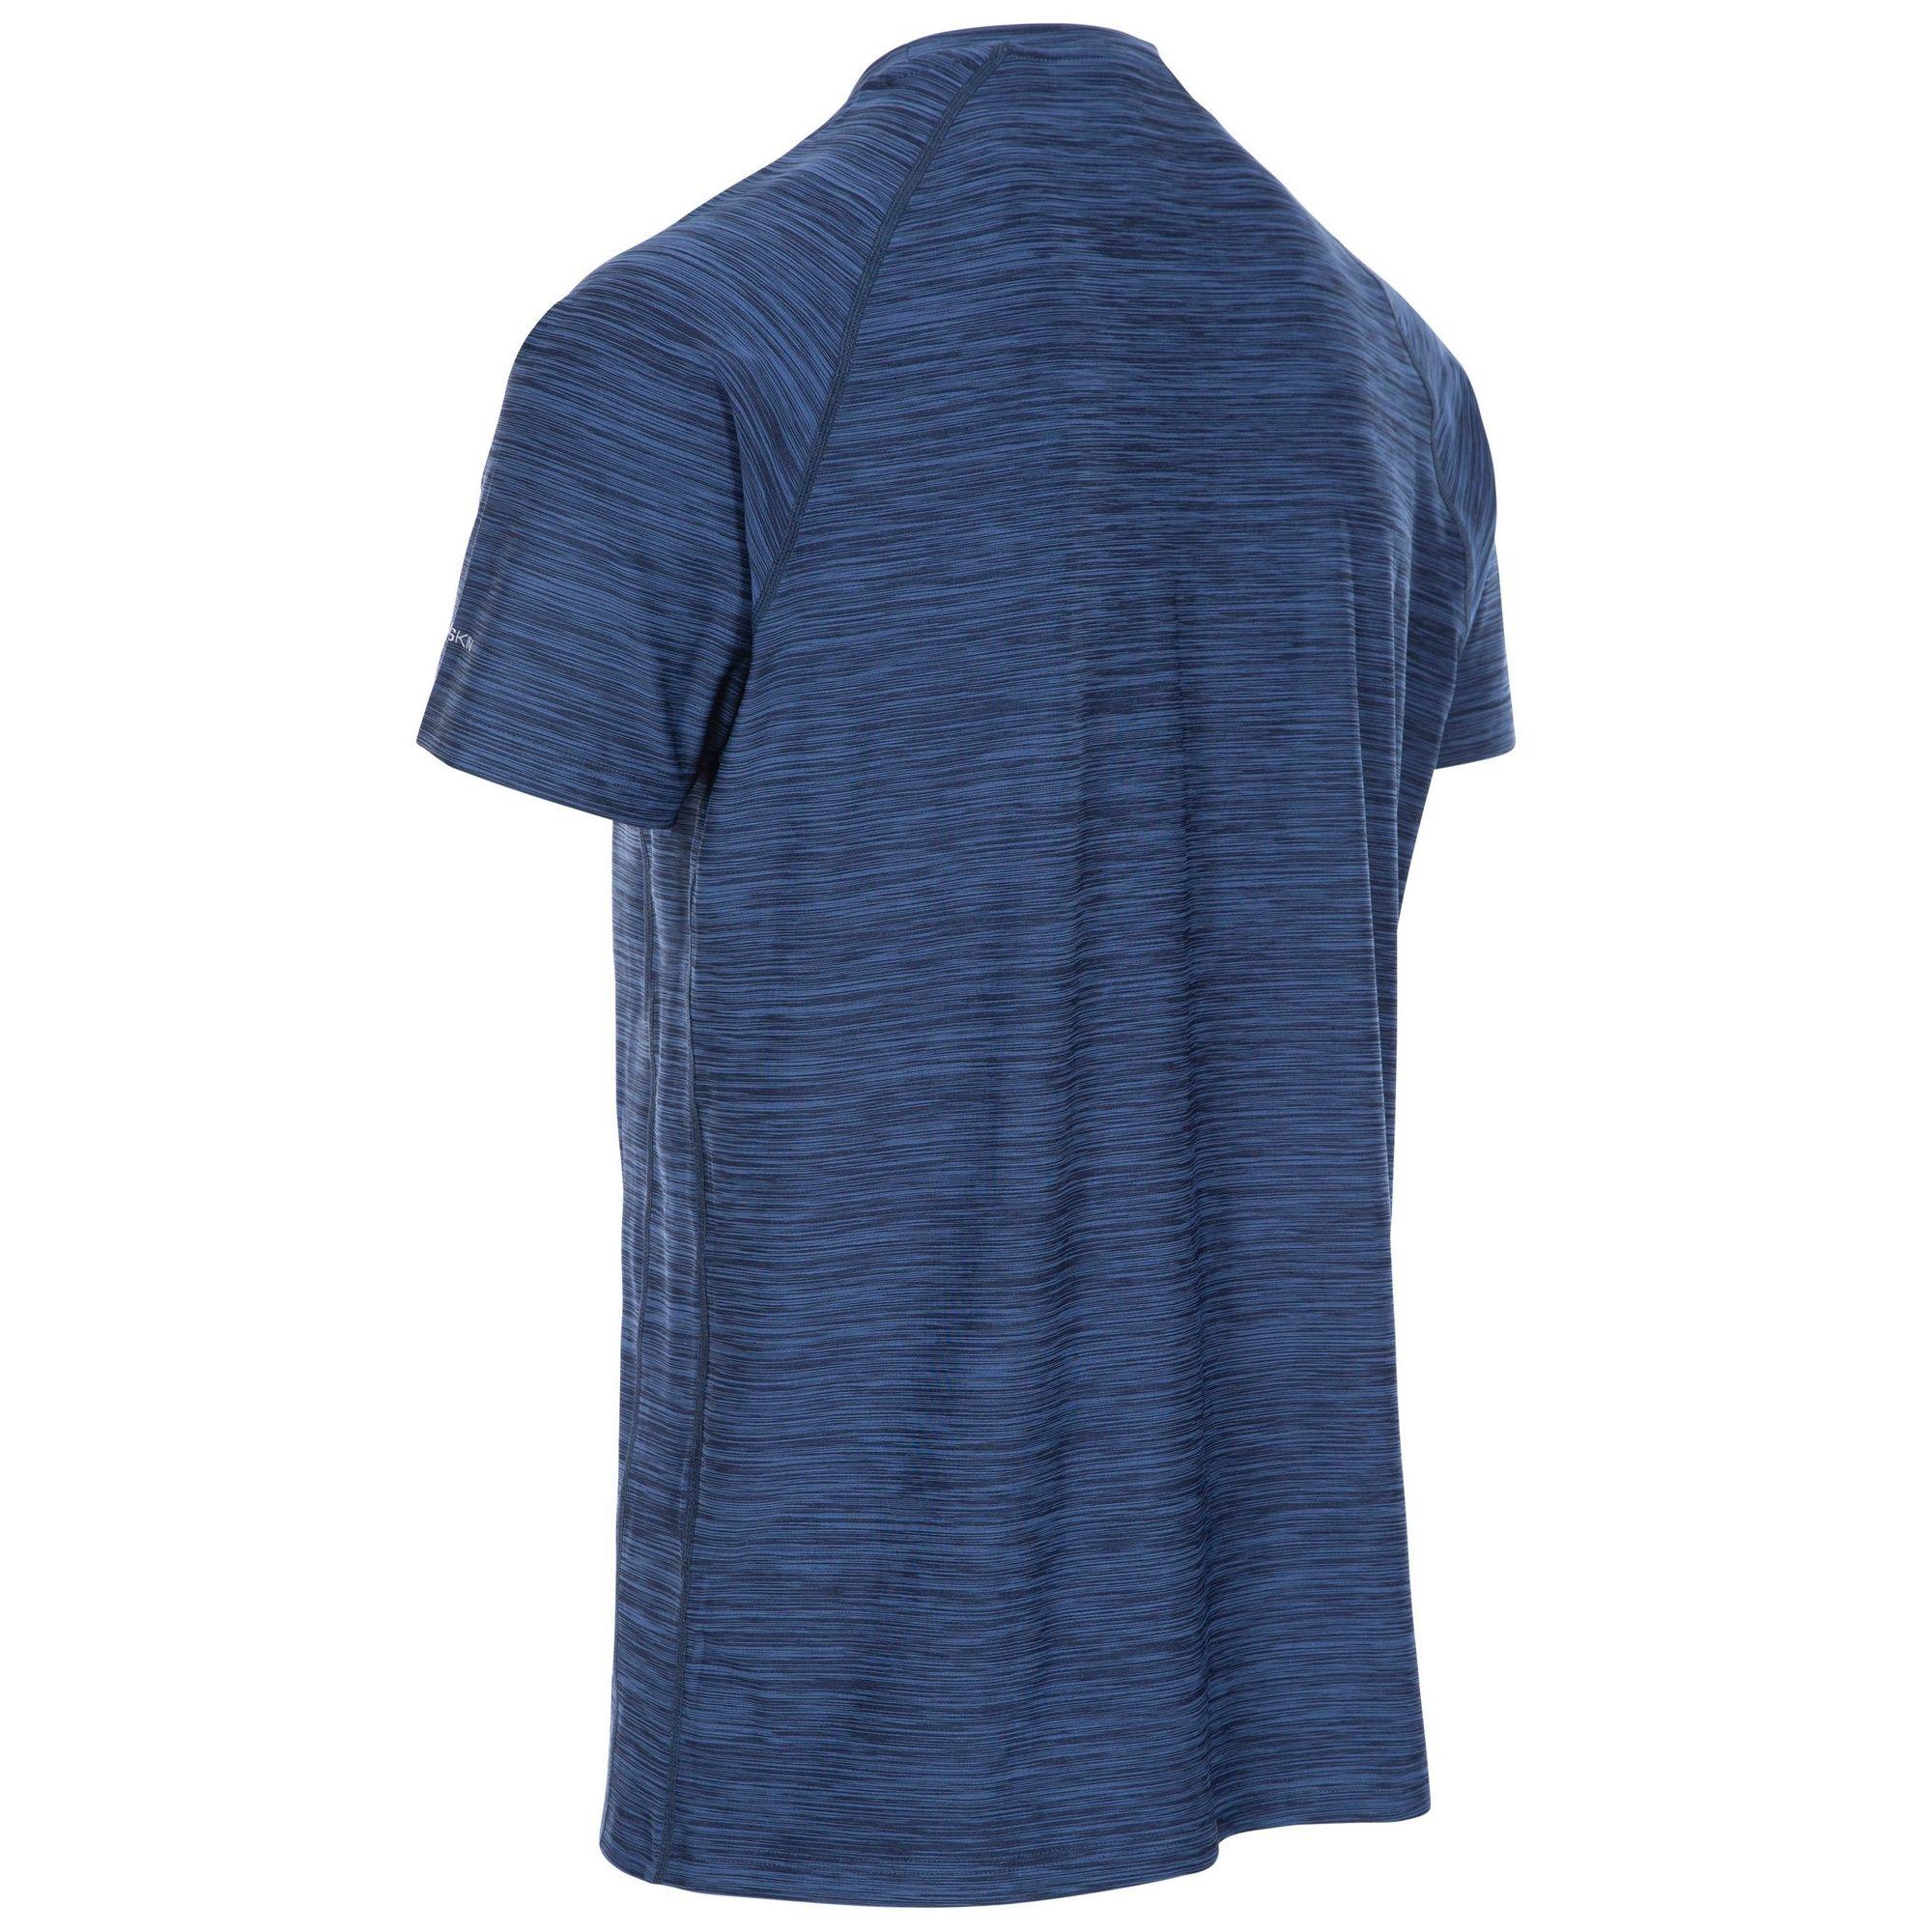 Trespass Mens Gaffney Active T-Shirt